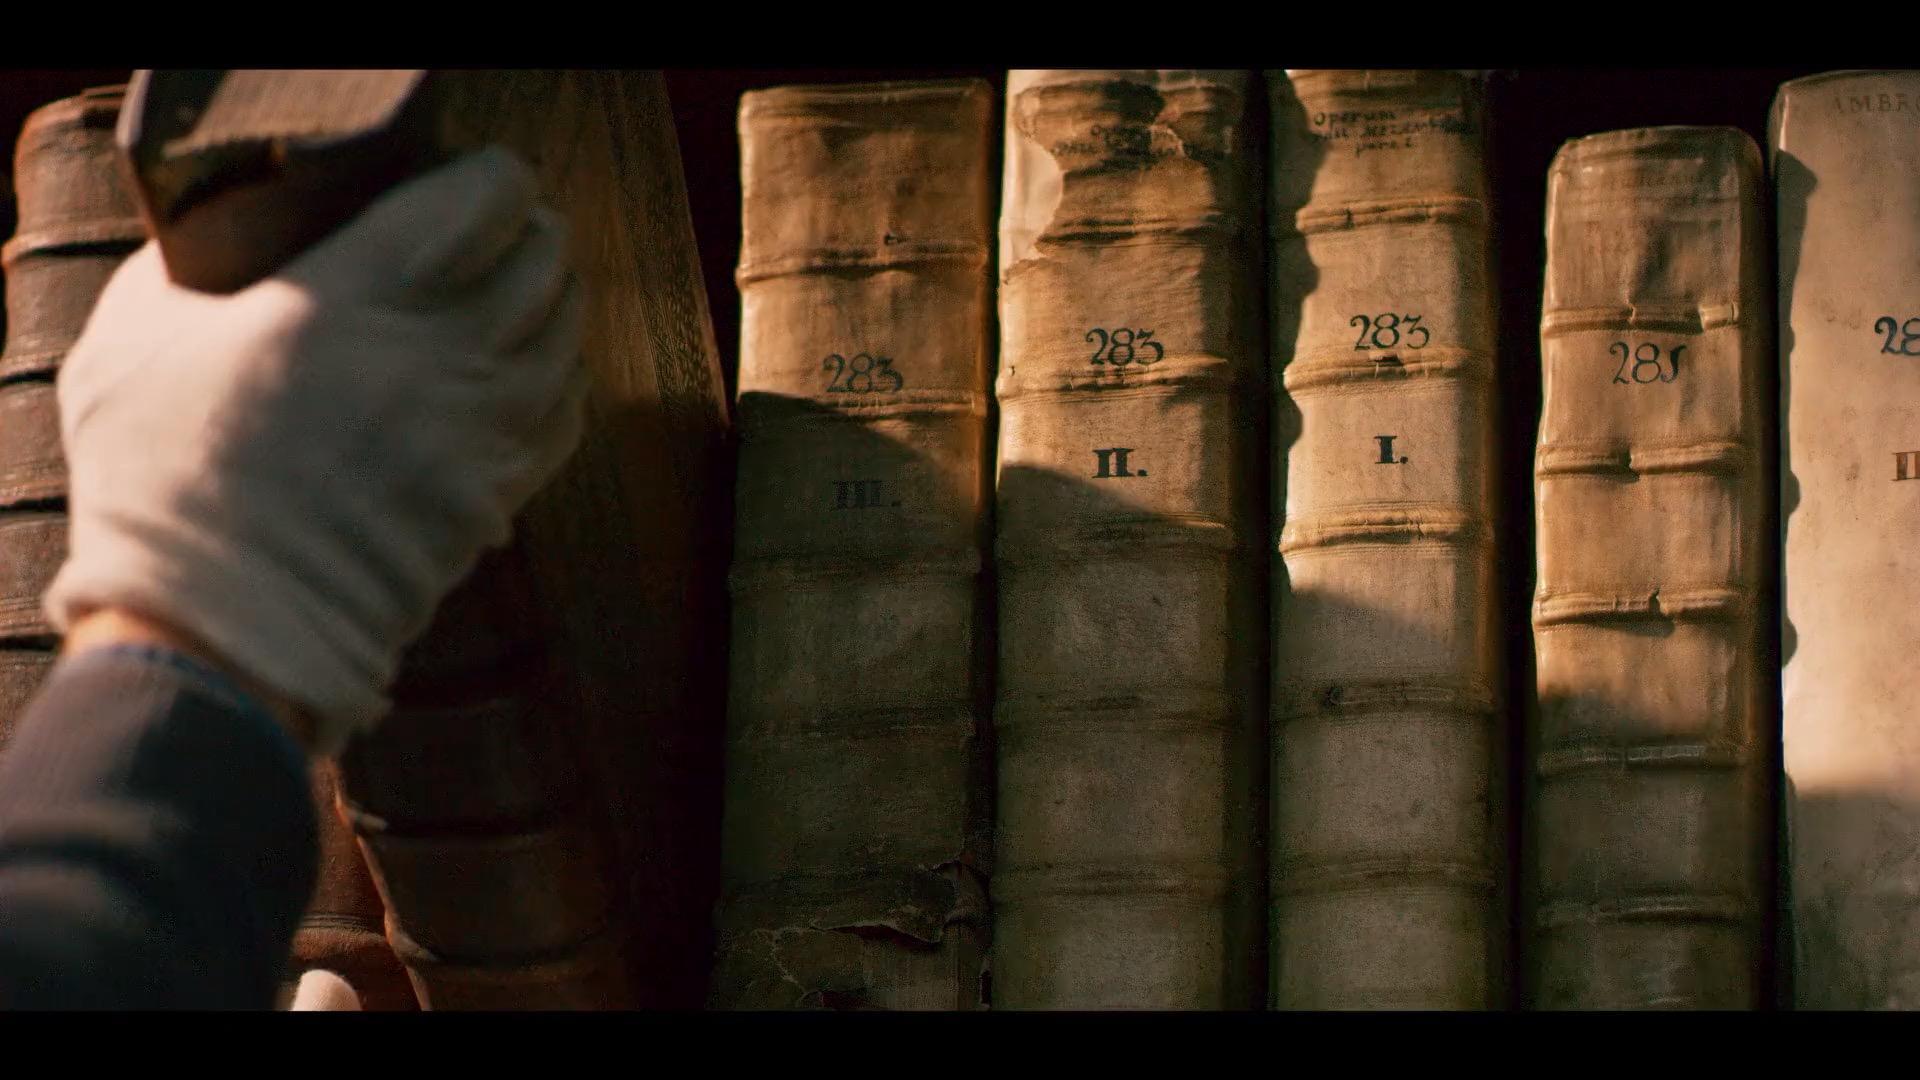 Librije van Enkhuizen al ruim een jaar gesloten door corona, maar voor minidocumentaire gaat deur van eeuwenoude stadsbibliotheek op een kier: 'Net alsof je in een tijdmachine stapt' [video]